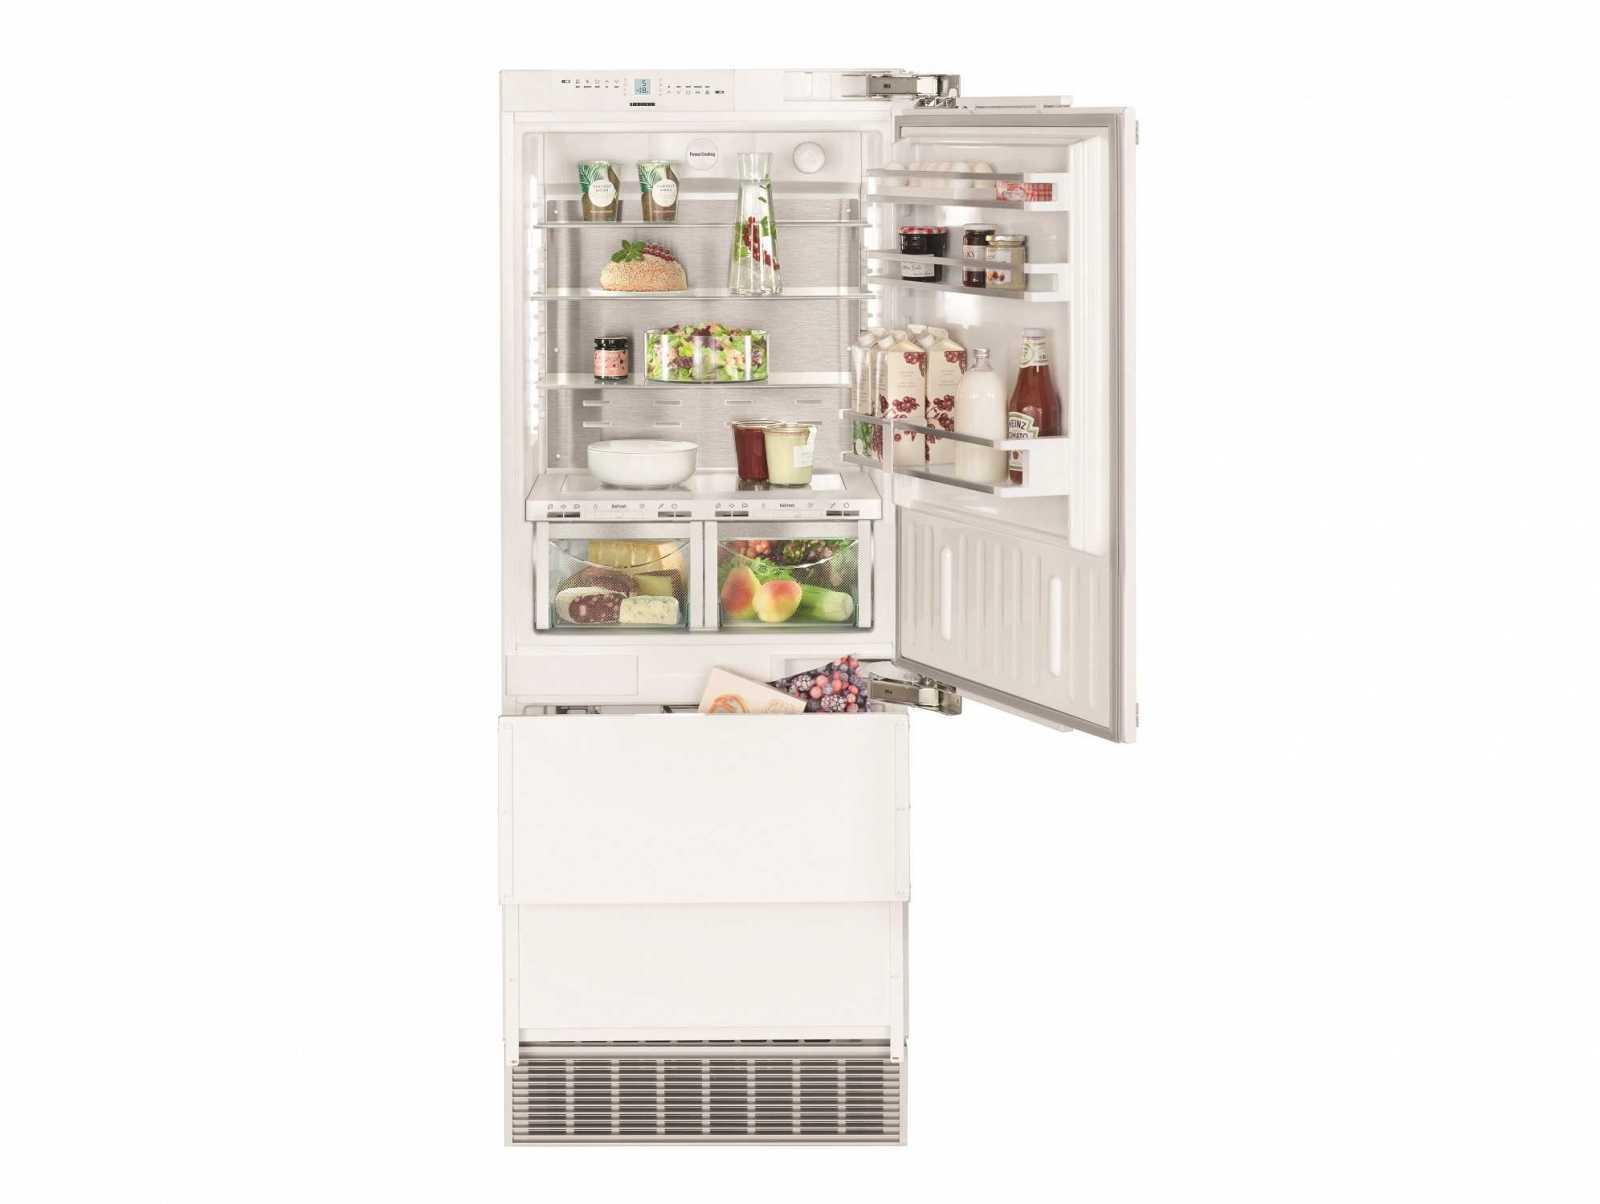 купить Встраиваемый двухкамерный холодильник Liebherr ECBN 5066 Украина фото 3